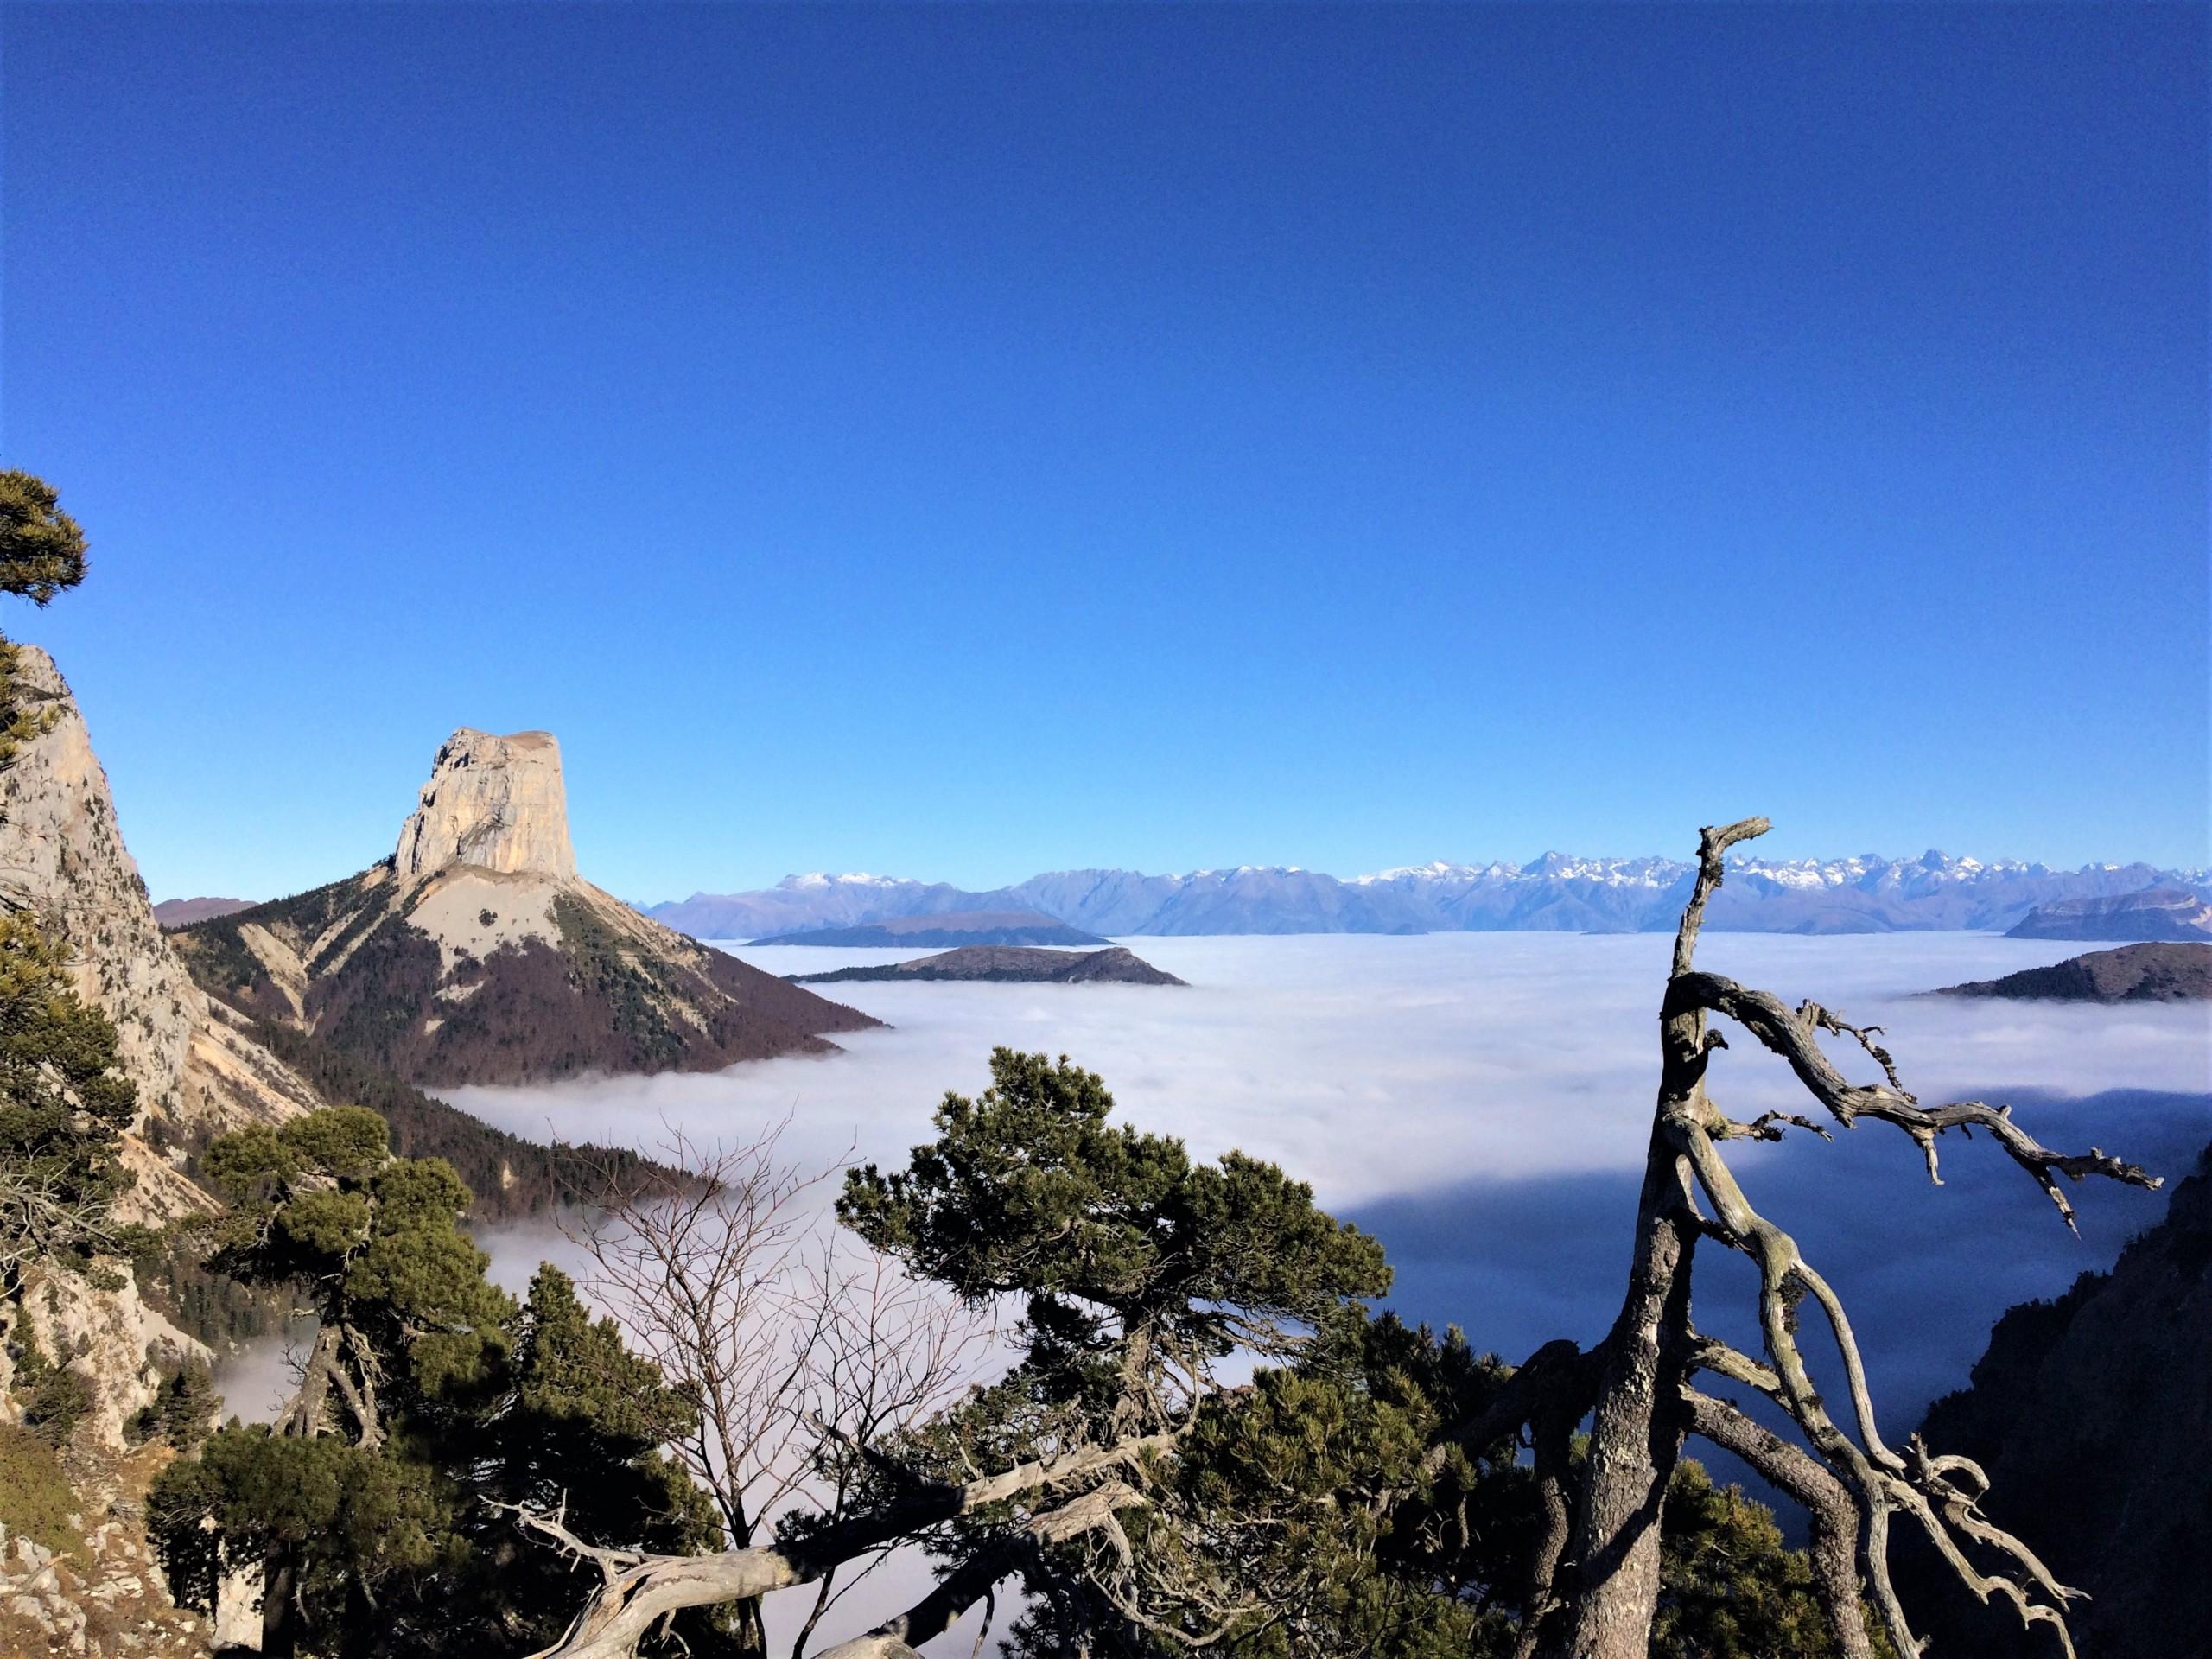 Le mont aiguille au dessus de la mère de nuage